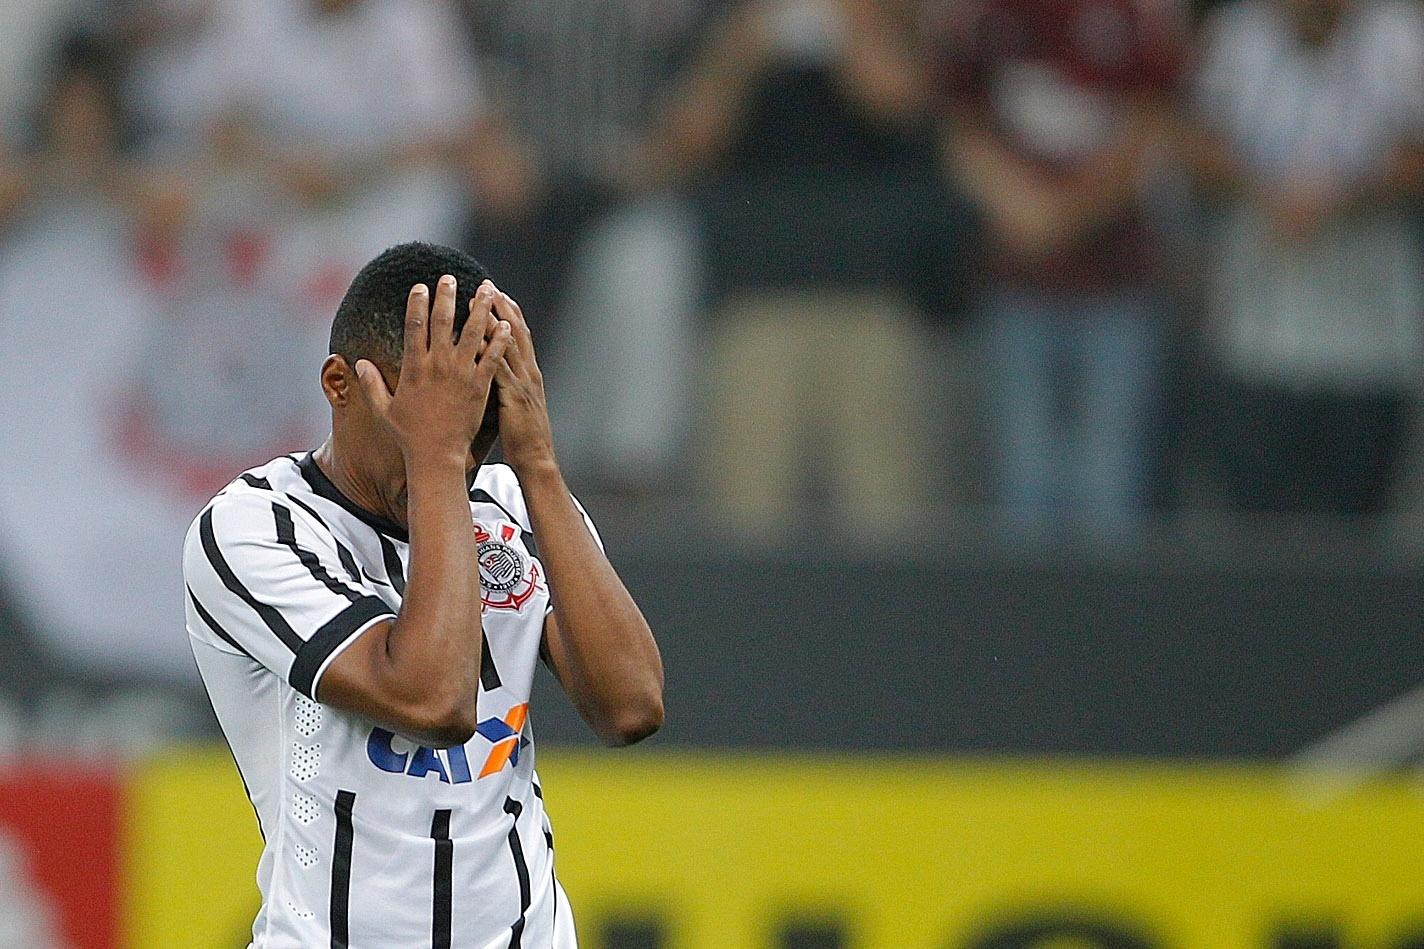 Elias lamenta pênalti perdido contra o Palmeiras na decisão por pênaltis da semifinal do Paulistão